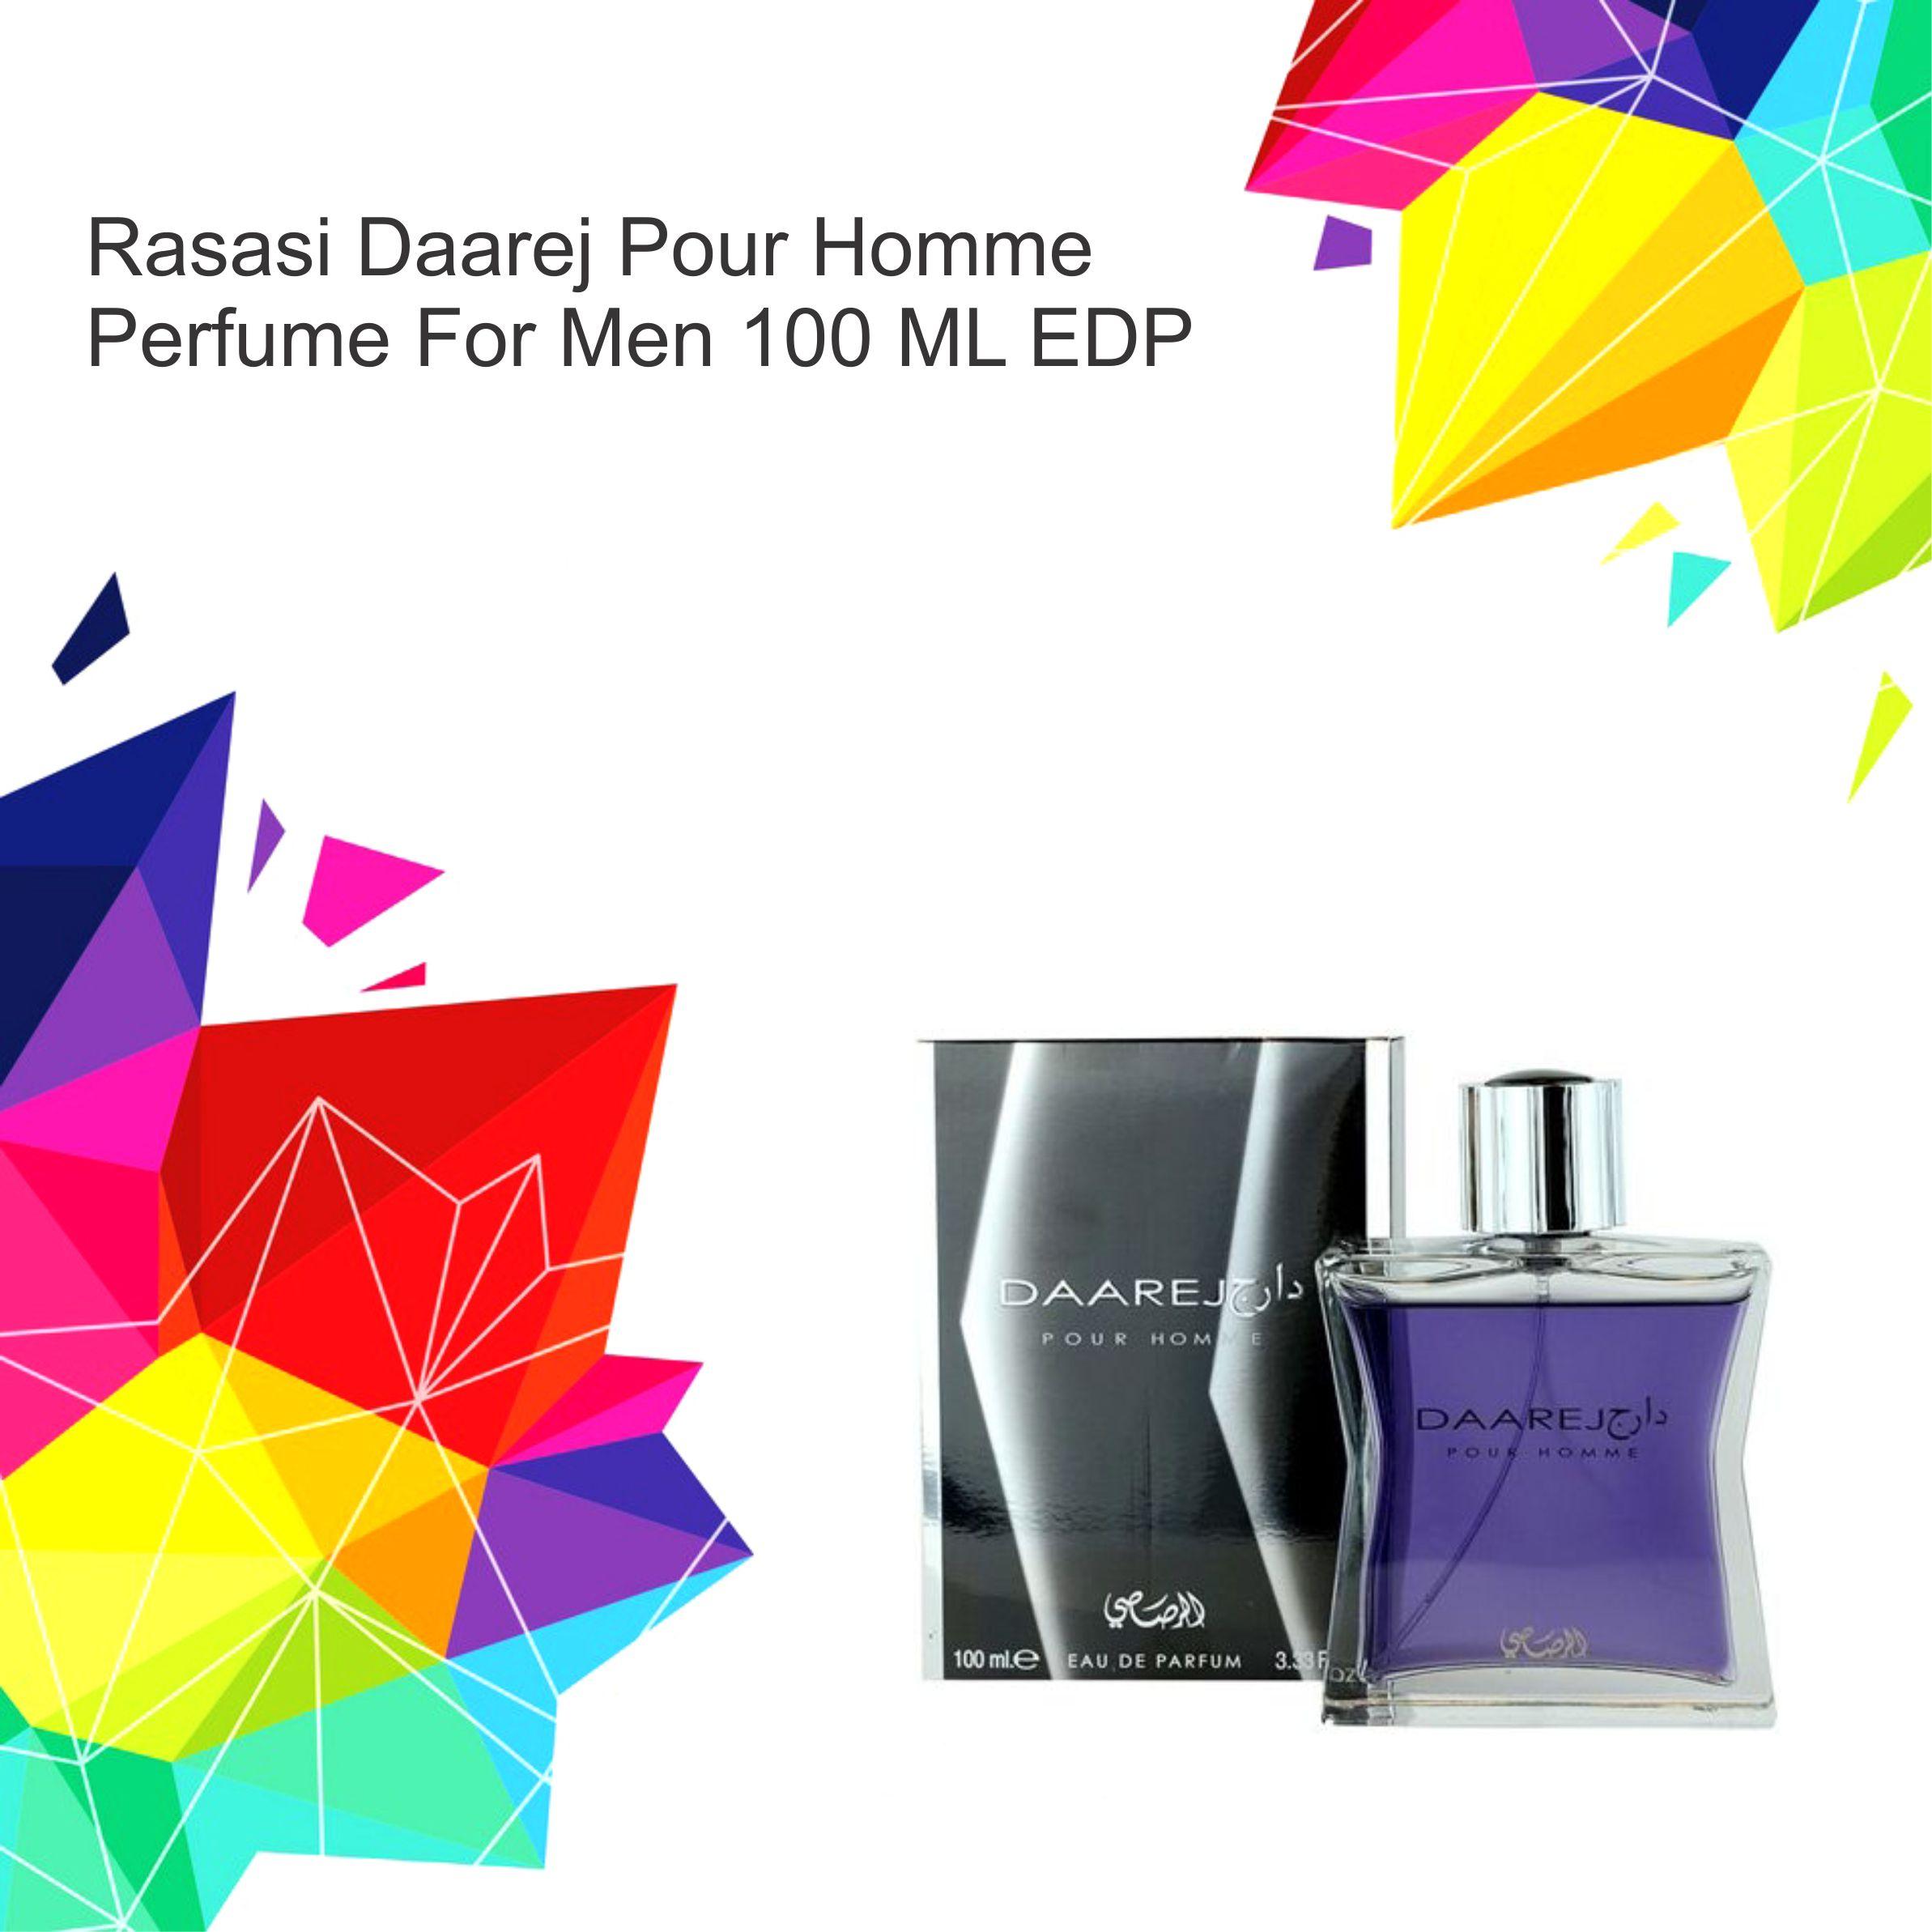 rasasi-daarej-pour-homme-perfume-for-men-100-ml-edp